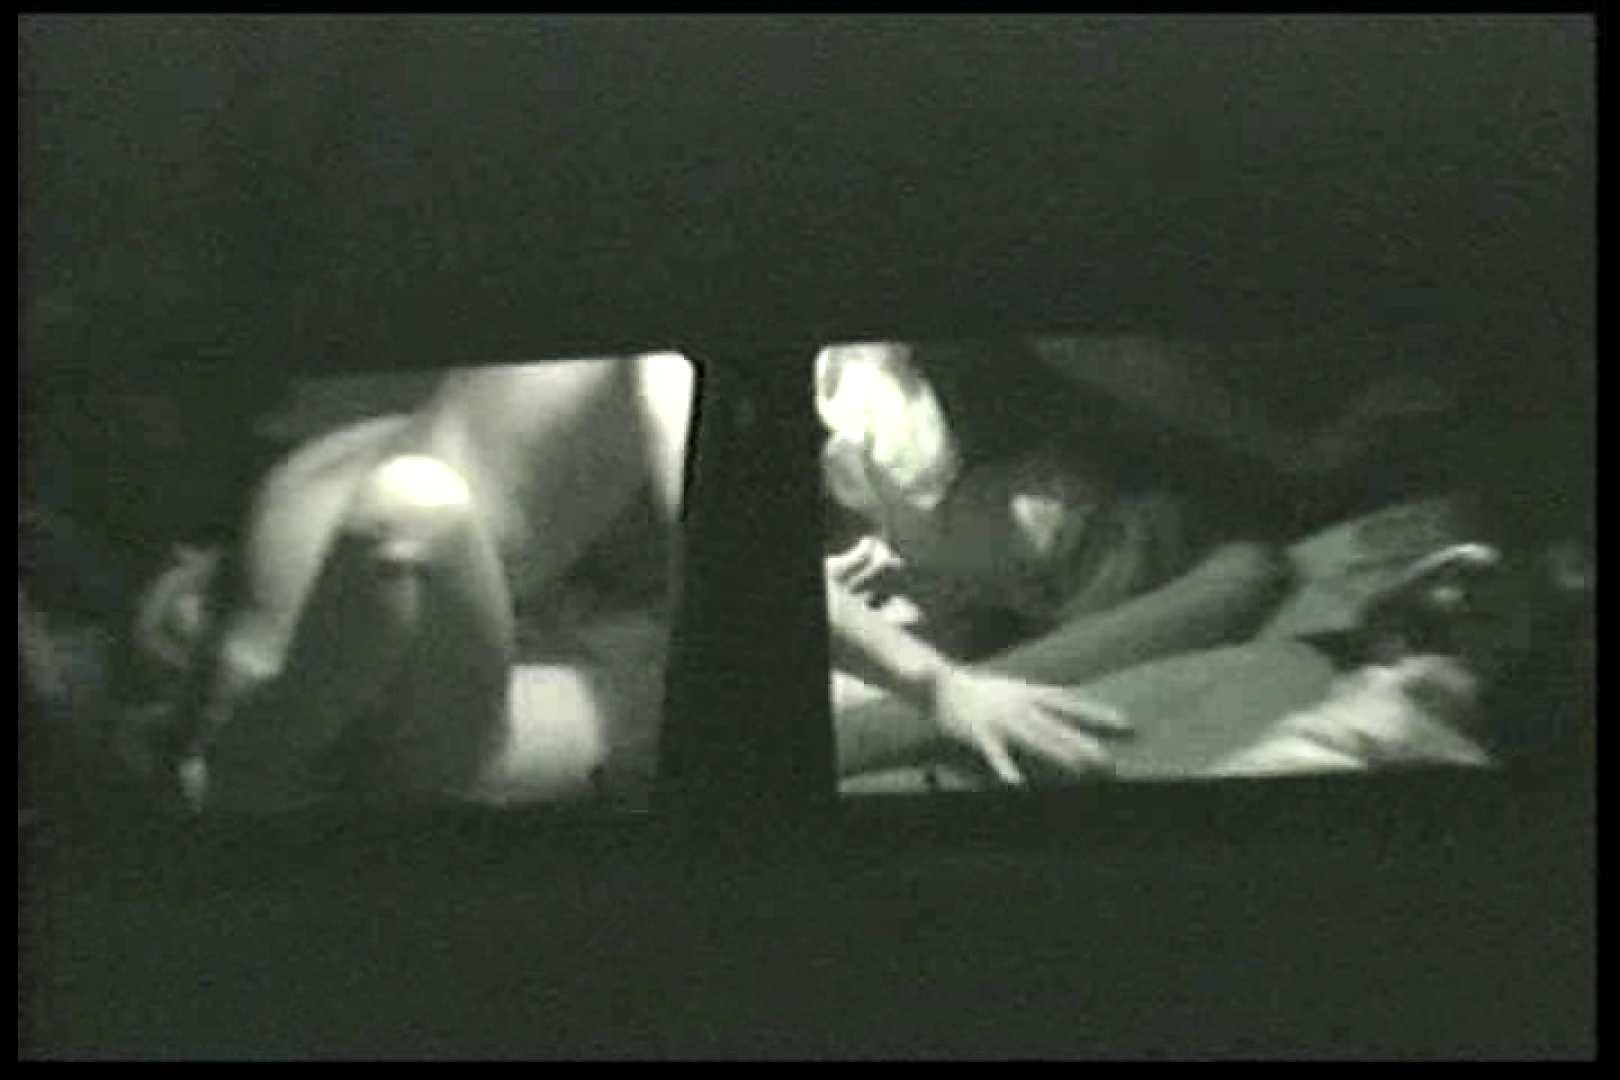 車の中はラブホテル 無修正版  Vol.15 手マン 覗きオメコ動画キャプチャ 89pic 88